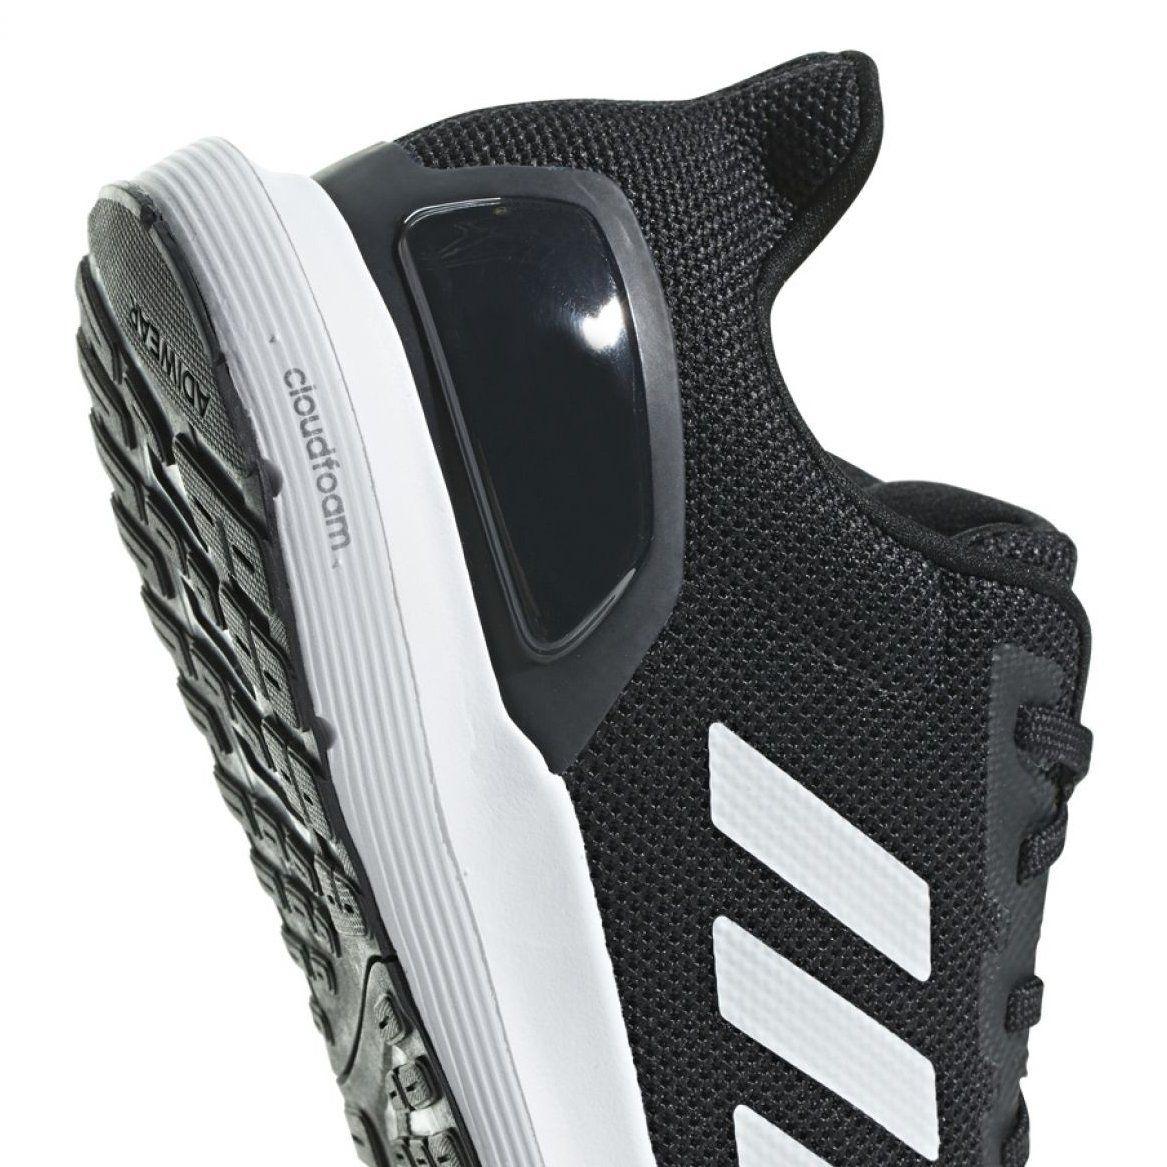 Buty Biegowe Adidas Cosmic 2 M F34877 Czarne Sneakers Nike Nike Air Max Nike Air